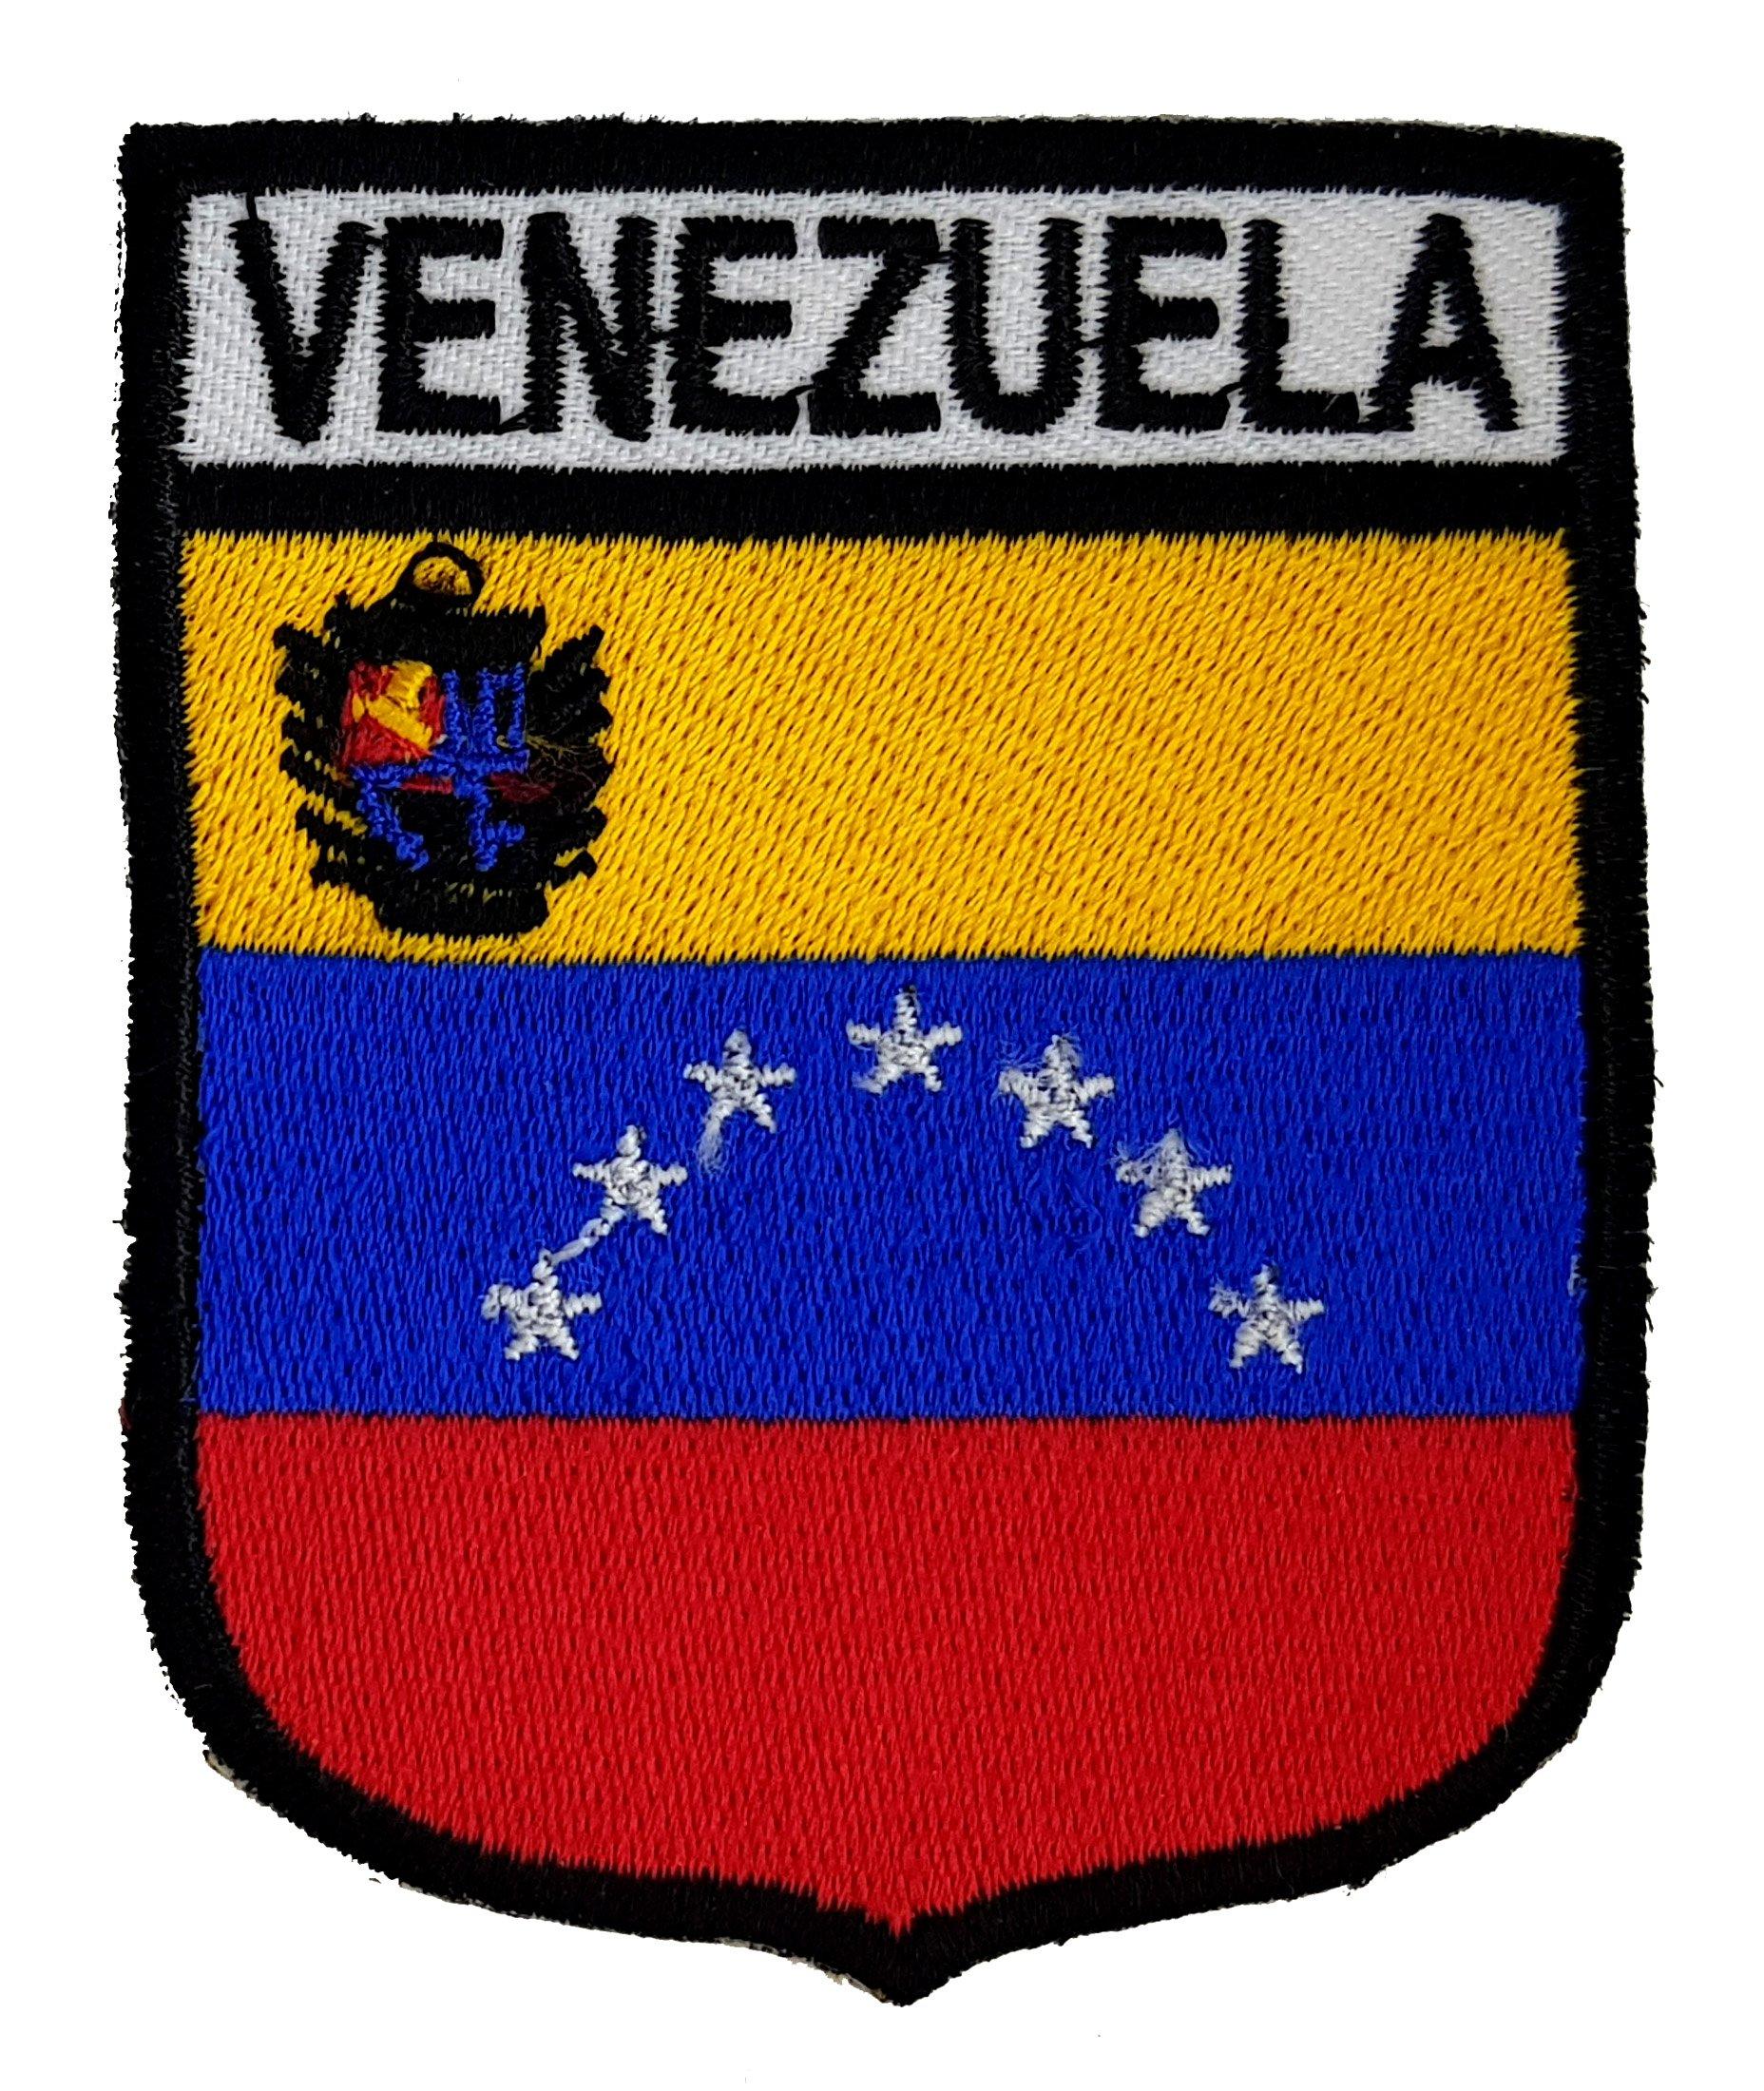 VENEZUELA - Parche de bandera de 7 estrellas con escudo bordado para planchar o coser, diseño de